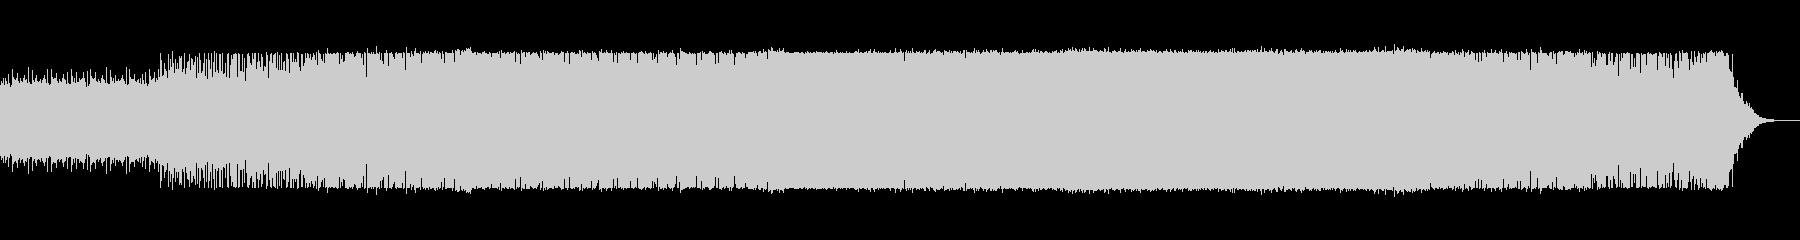 シンプル/重厚感/不気味/無機質/テクノの未再生の波形